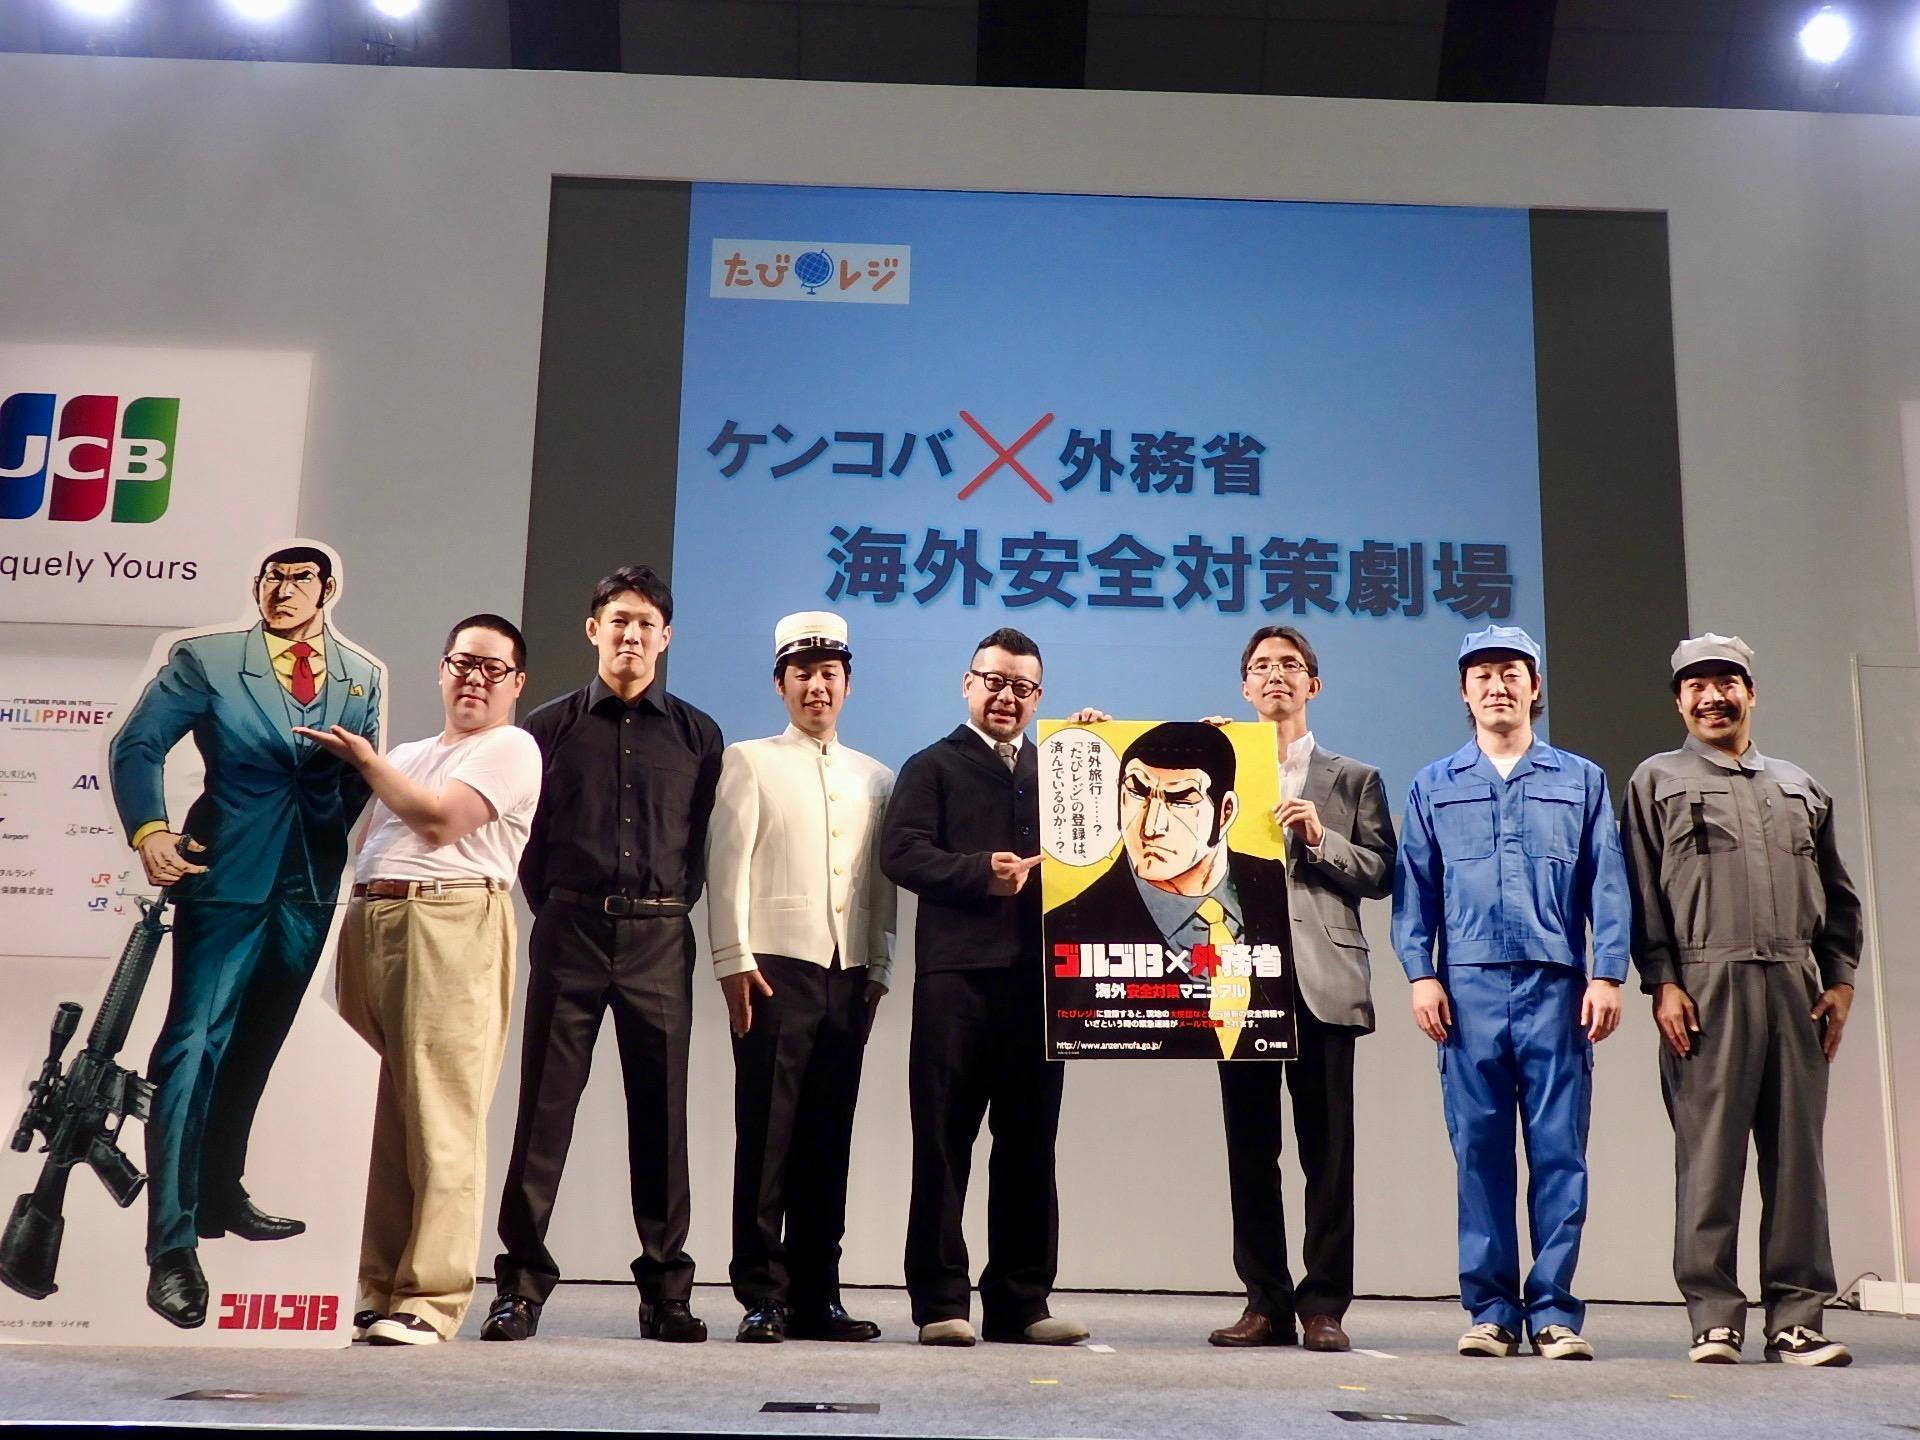 http://news.yoshimoto.co.jp/20180923160024-2932ca3e59c9cde782b038fae8adde8ec29e0e88.jpg